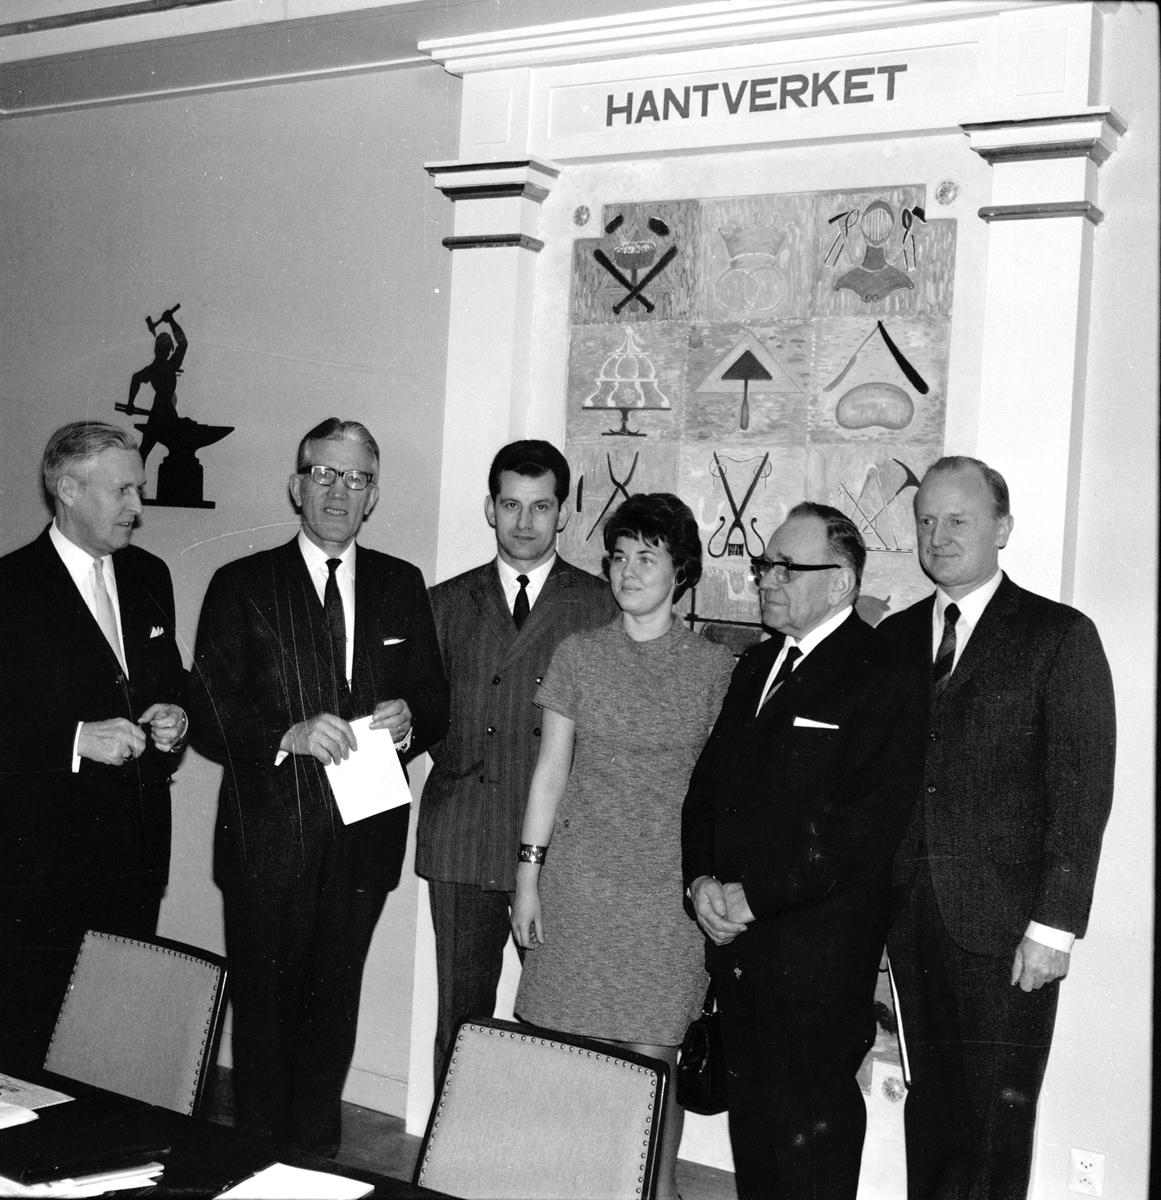 Bollnäs, Olle Westberg m.fl. på hantv.lokalen April 1969